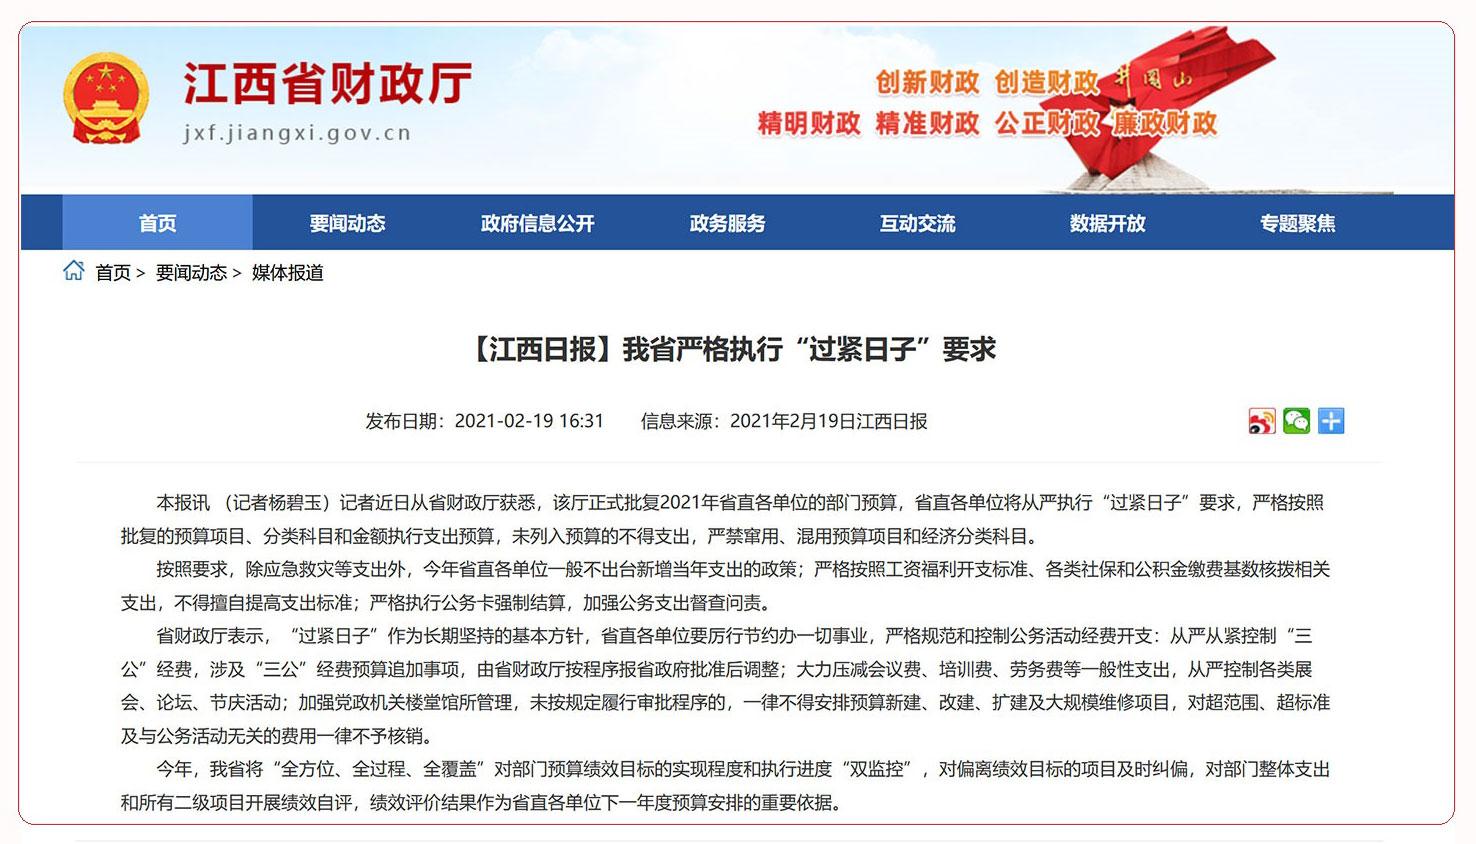 """江西省政府要求省直属单位从严执行""""过紧日子""""要求。(网页截图)"""